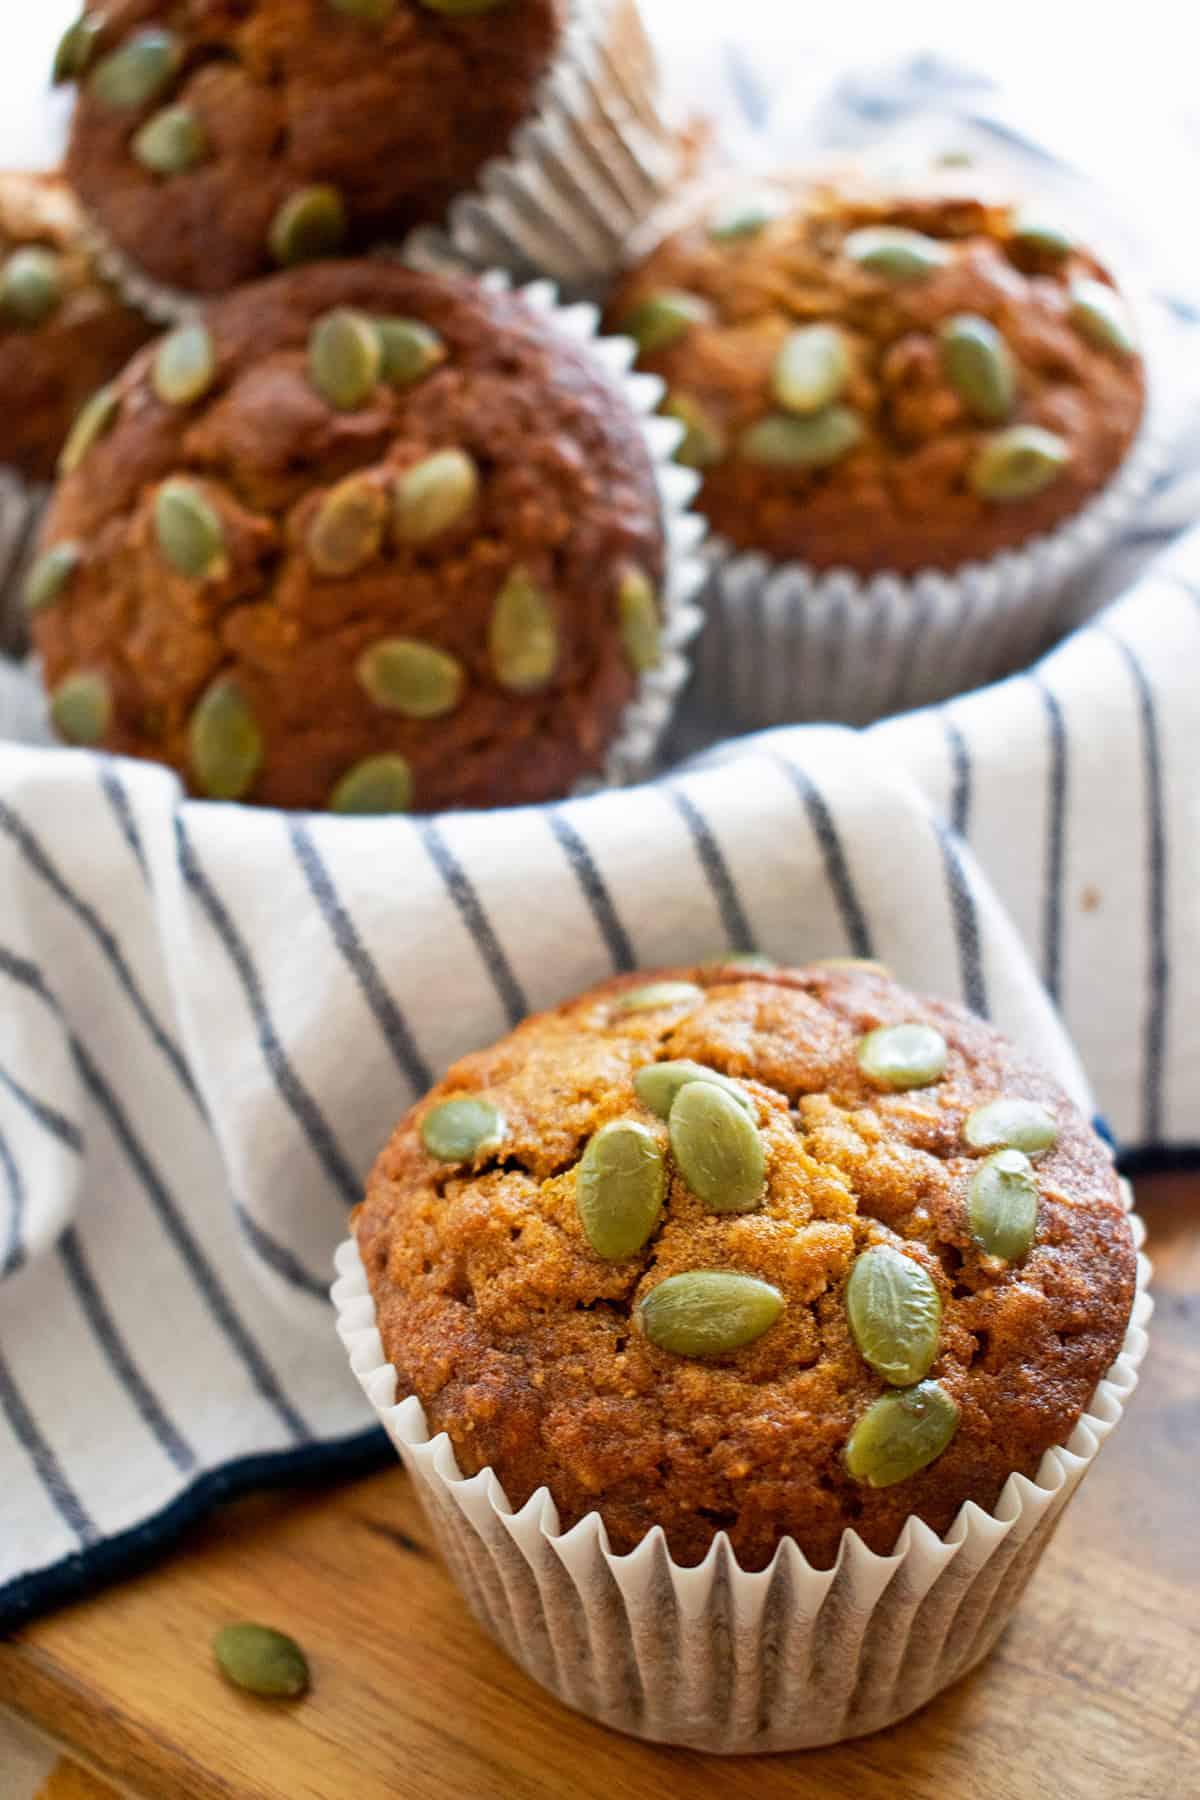 Muffins de calabaza y avena sobre un paño blanco con lineas azules.